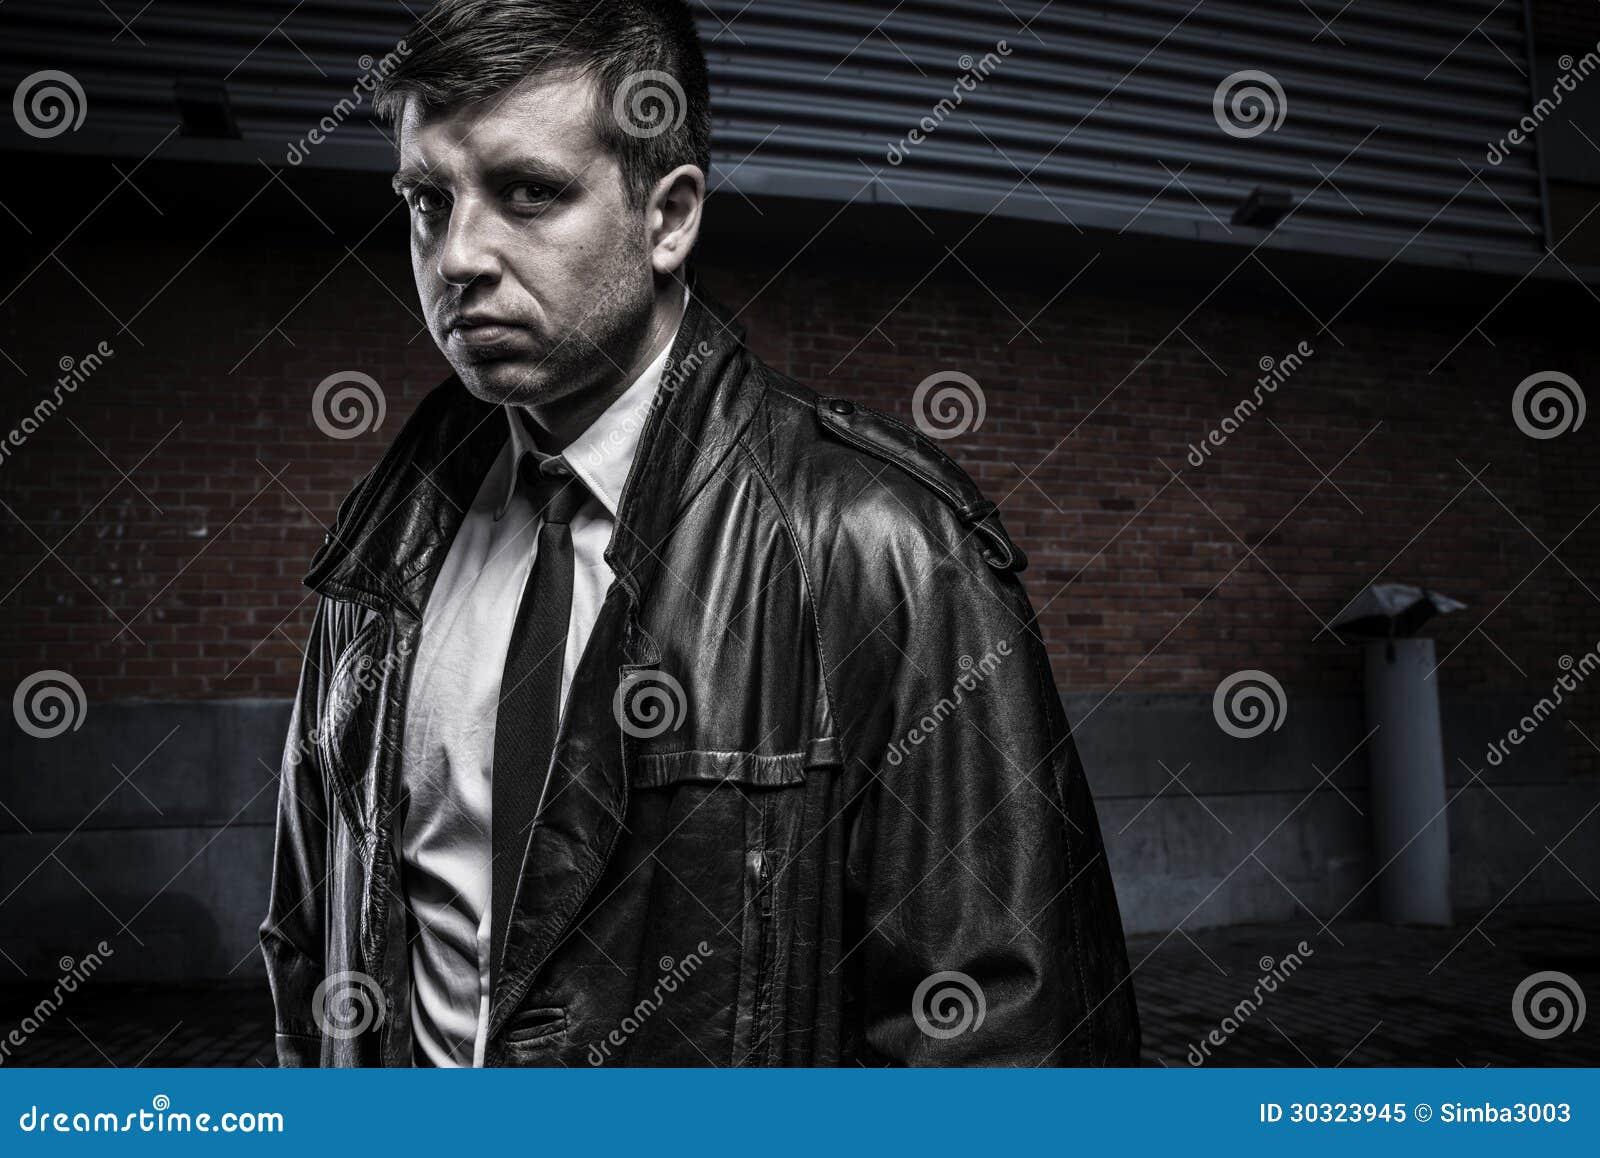 Dell'agente Stock Di Immagine Misterioso Uomo Ritratto Giovane InxA8Y8BT